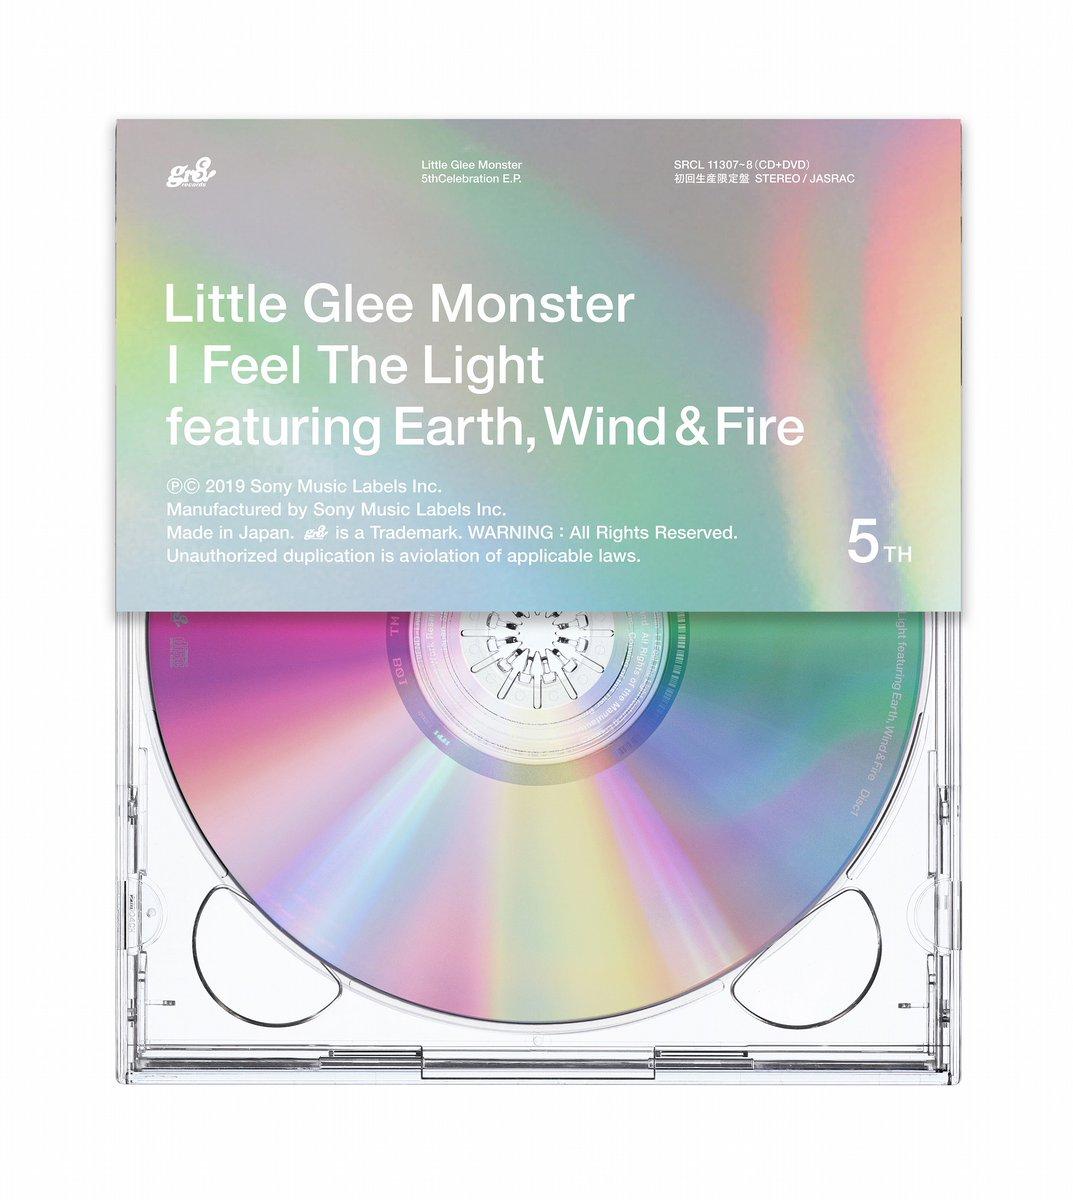 『Little Glee Monster - I Feel The Light featuring Earth, Wind & Fire』収録の『I Feel The Light』ジャケット